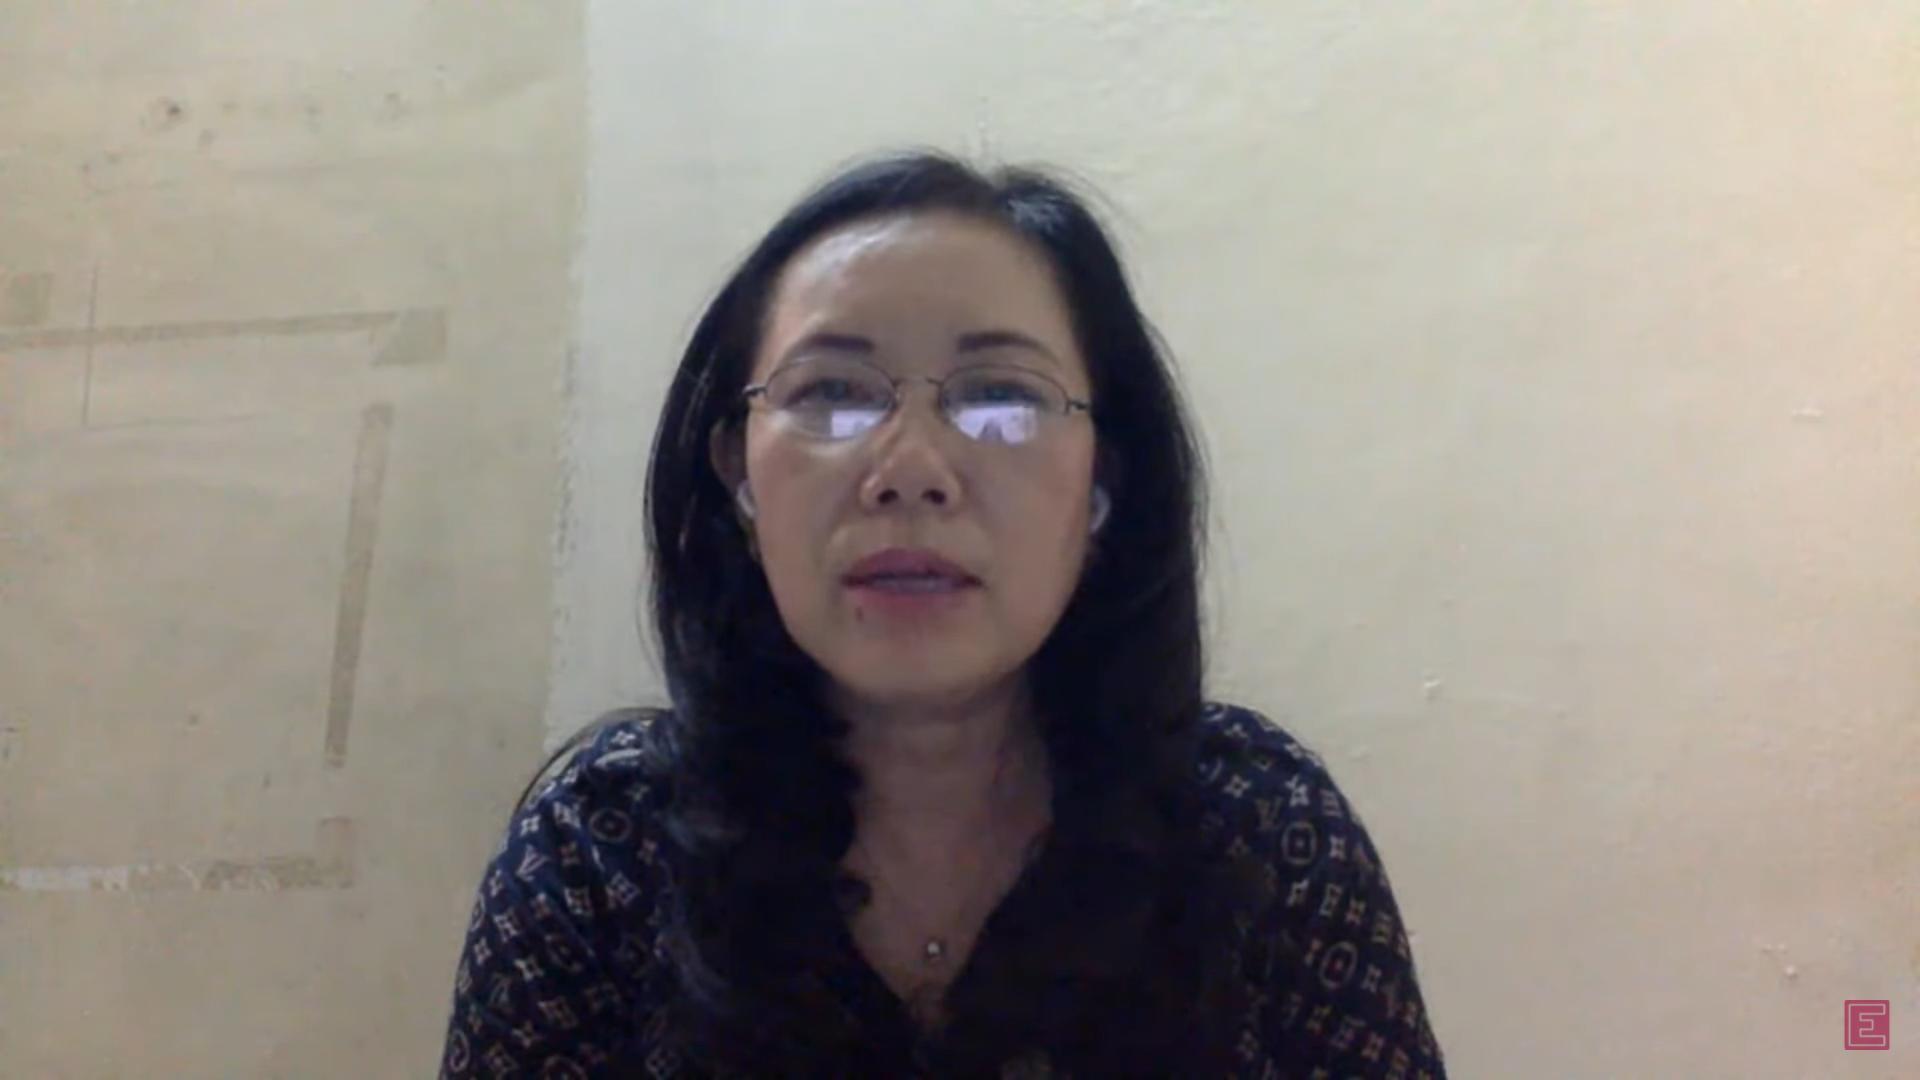 Bà Đỗ Thị Thúy Hương - Phó chủ tịch Hiệp hội Công nghiệp Hỗ trợ Việt Nam trong tọa đàm trực tuyến.